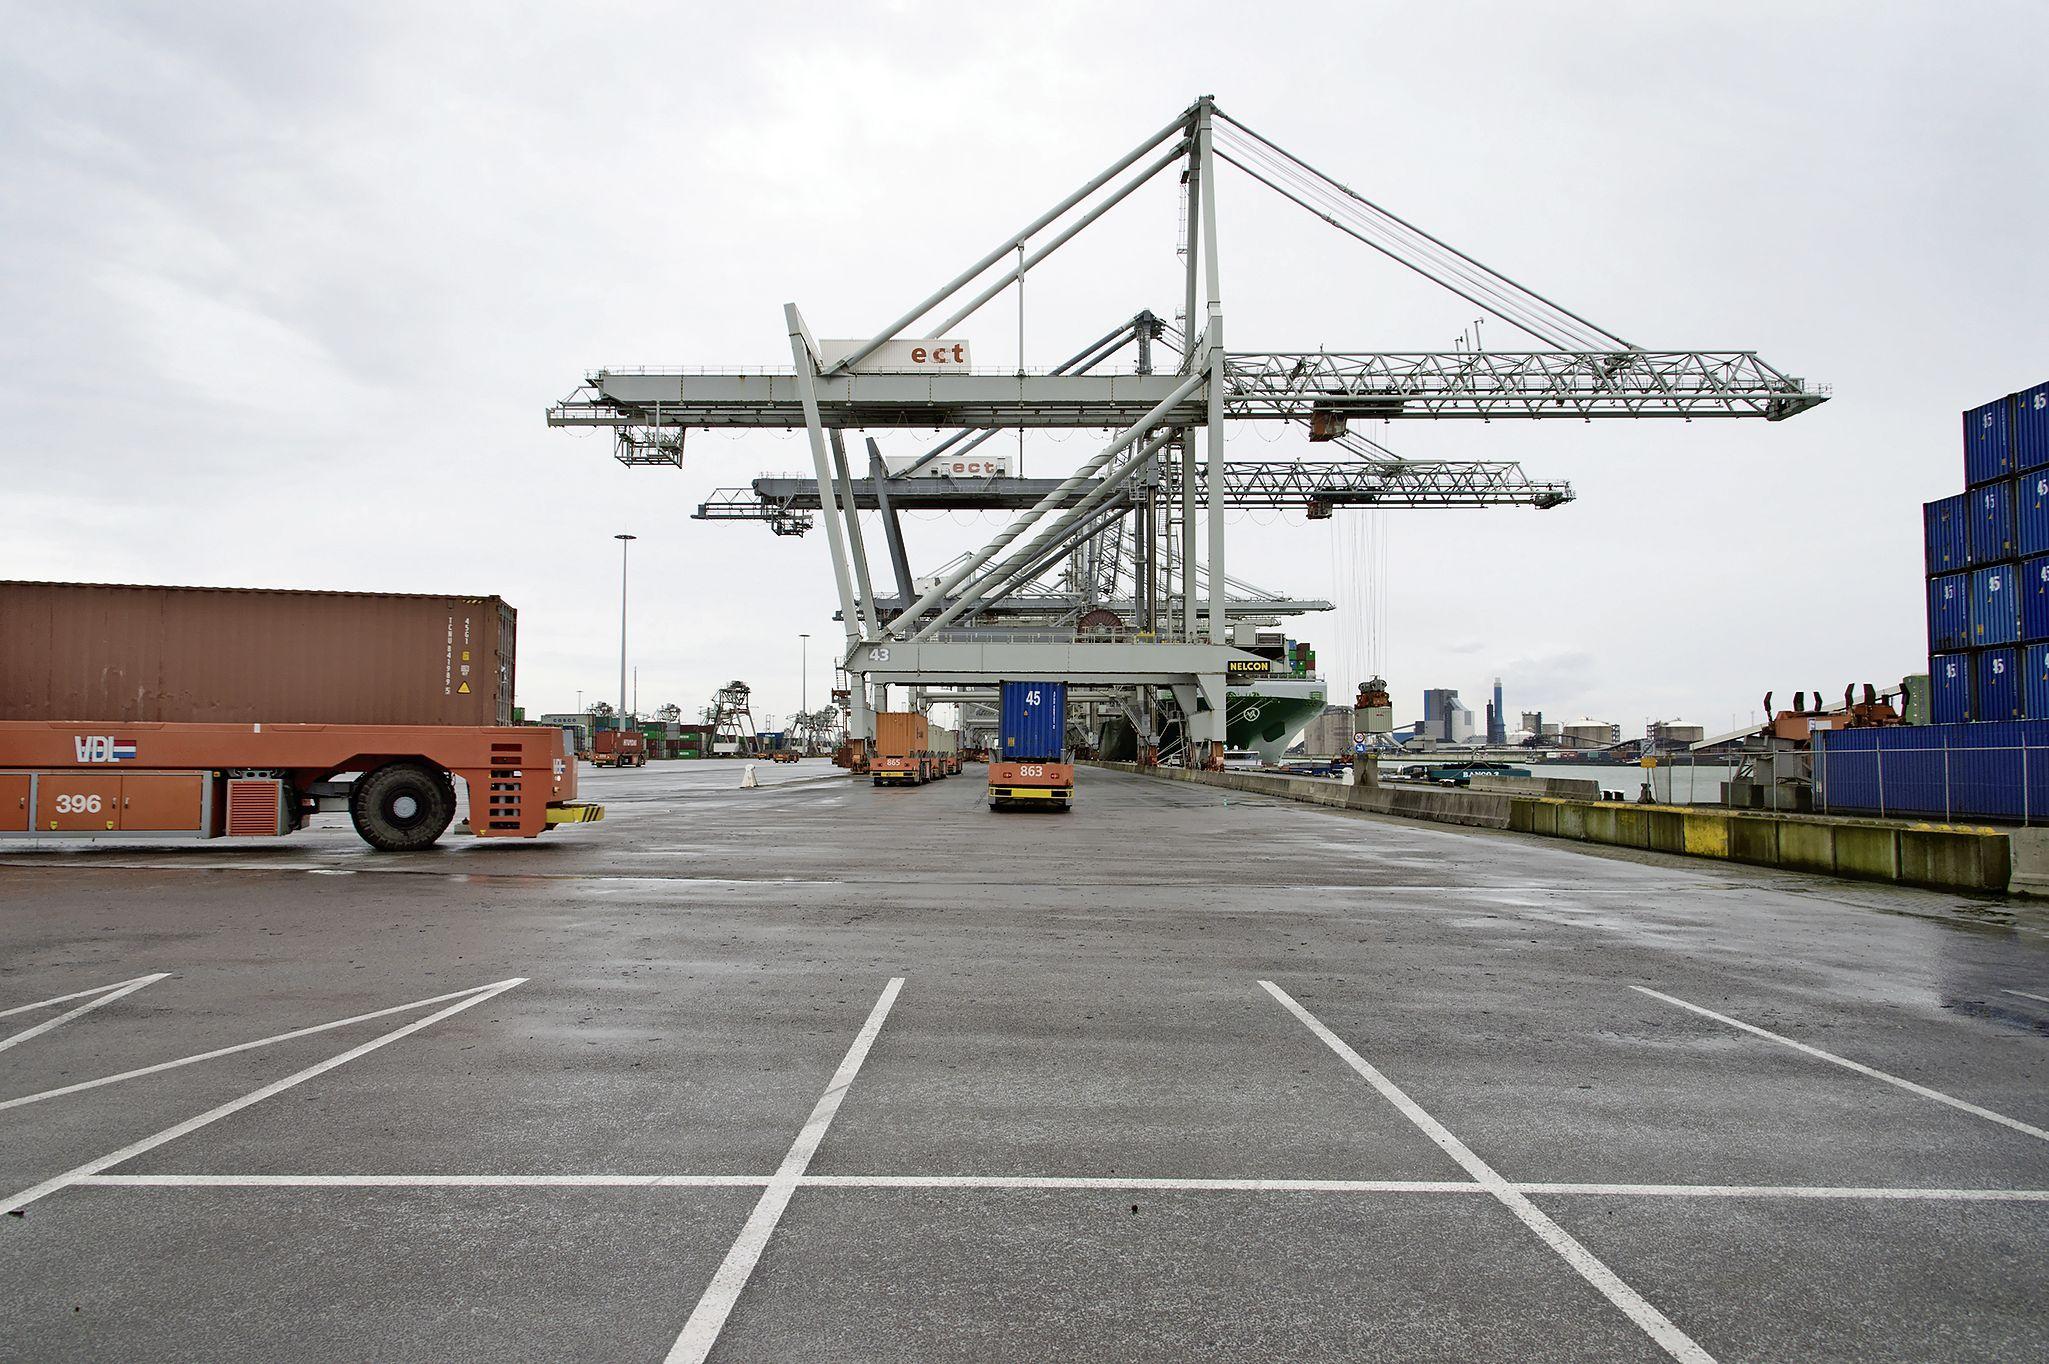 Katwijkse raad kritisch over tonnen voor warmtepijp uit Rotterdam: 'De reden van spoed is mij niet direct duidelijk'